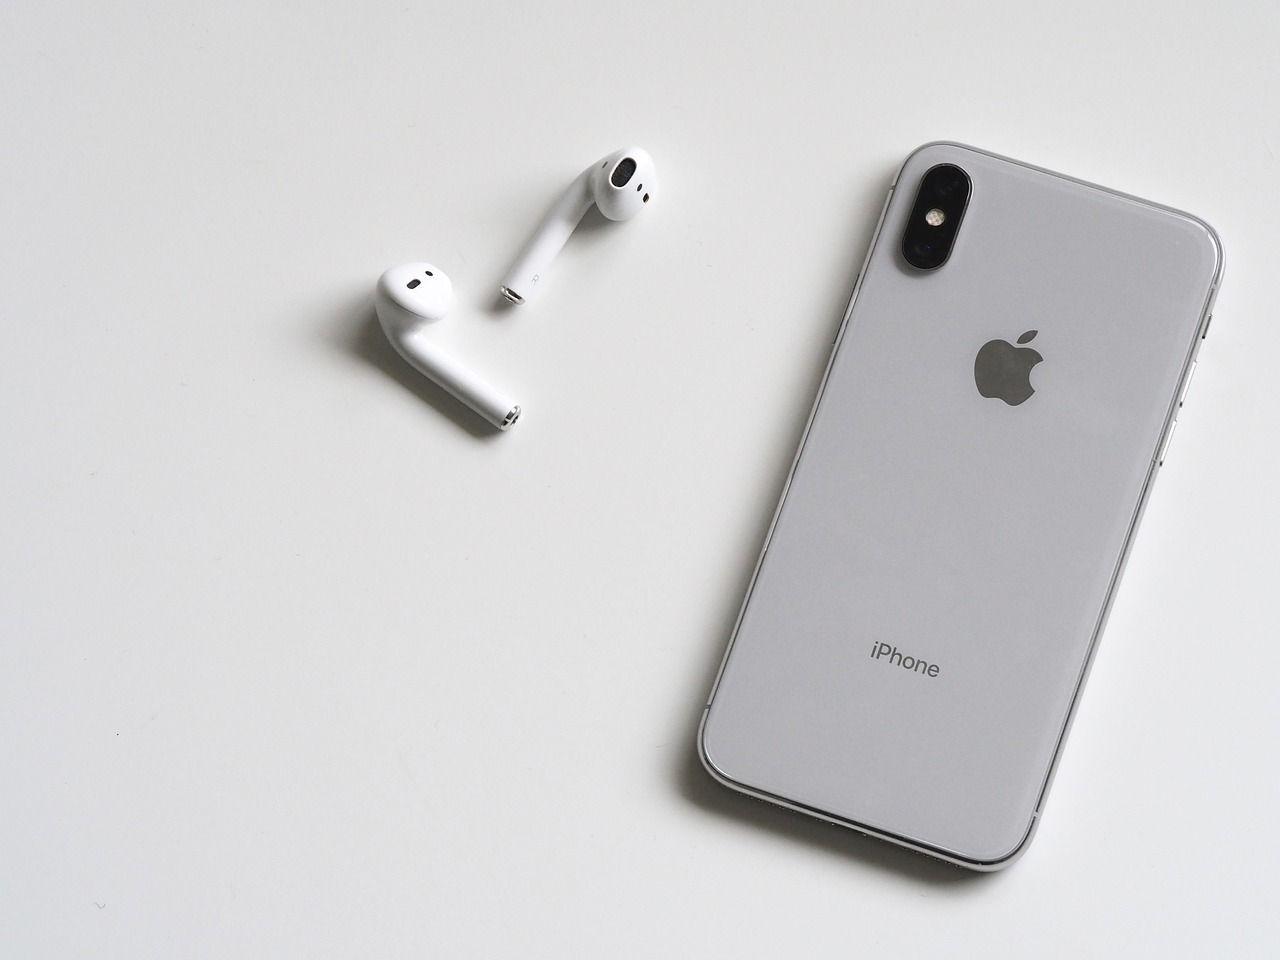 casi-la-mitad-de-auriculares-inalambricos-son-de-apple-aunque-pierde-cuota